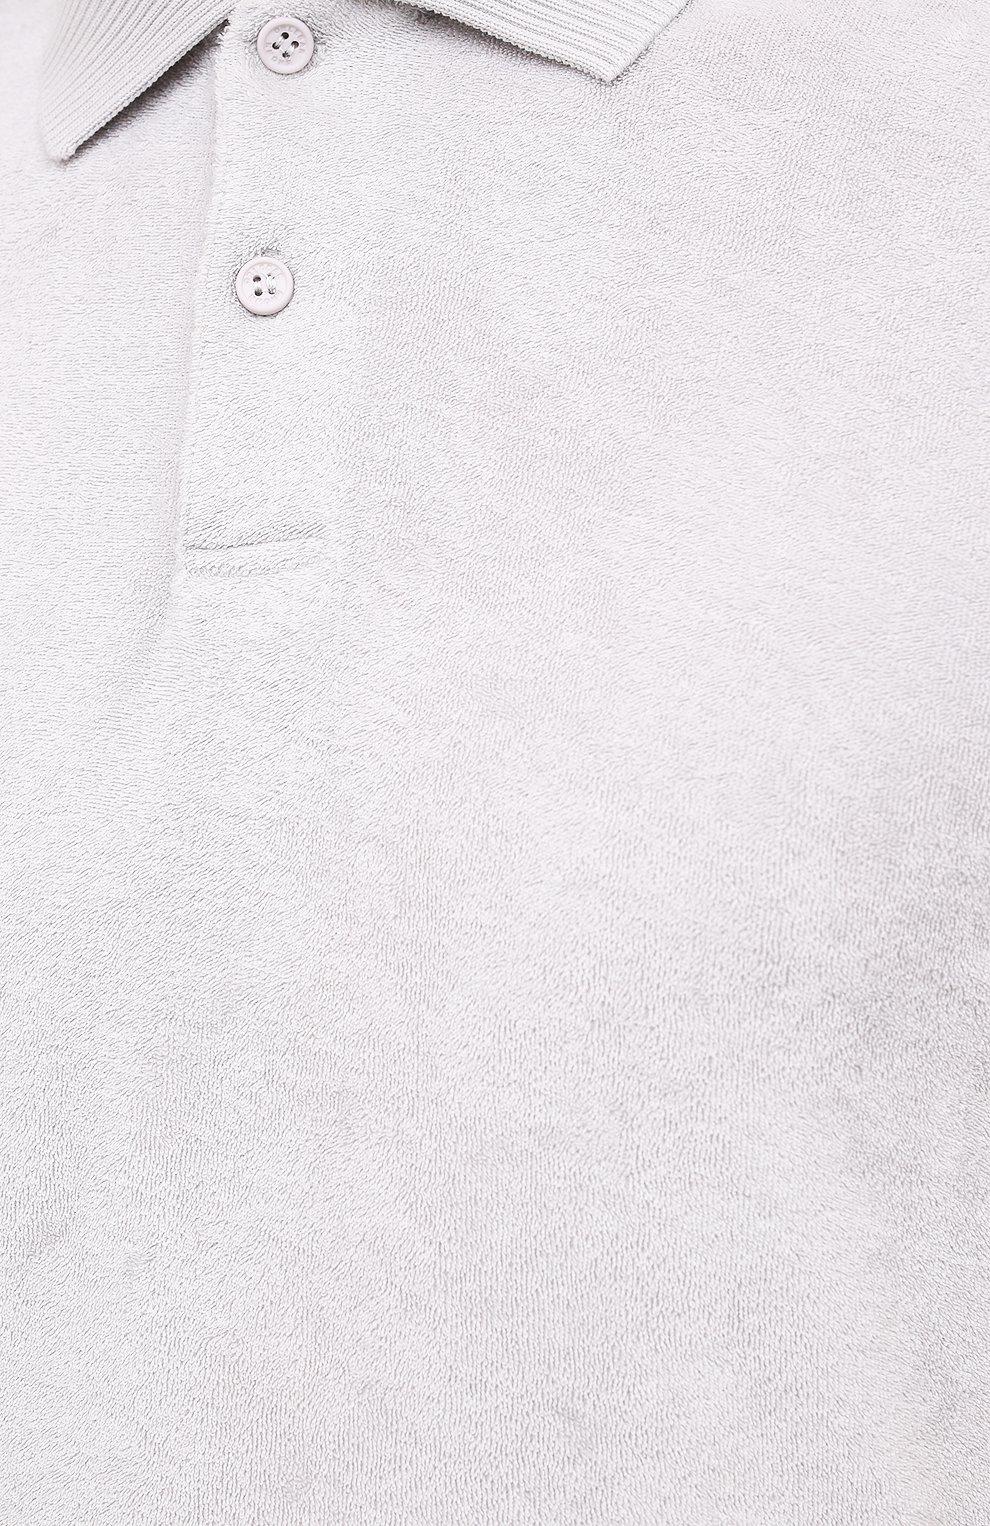 Мужское хлопковое поло ORLEBAR BROWN светло-бежевого цвета, арт. 274239 | Фото 5 (Застежка: Пуговицы; Кросс-КТ: Пляж; Рукава: Короткие; Длина (для топов): Стандартные; Материал внешний: Хлопок; Стили: Кэжуэл)